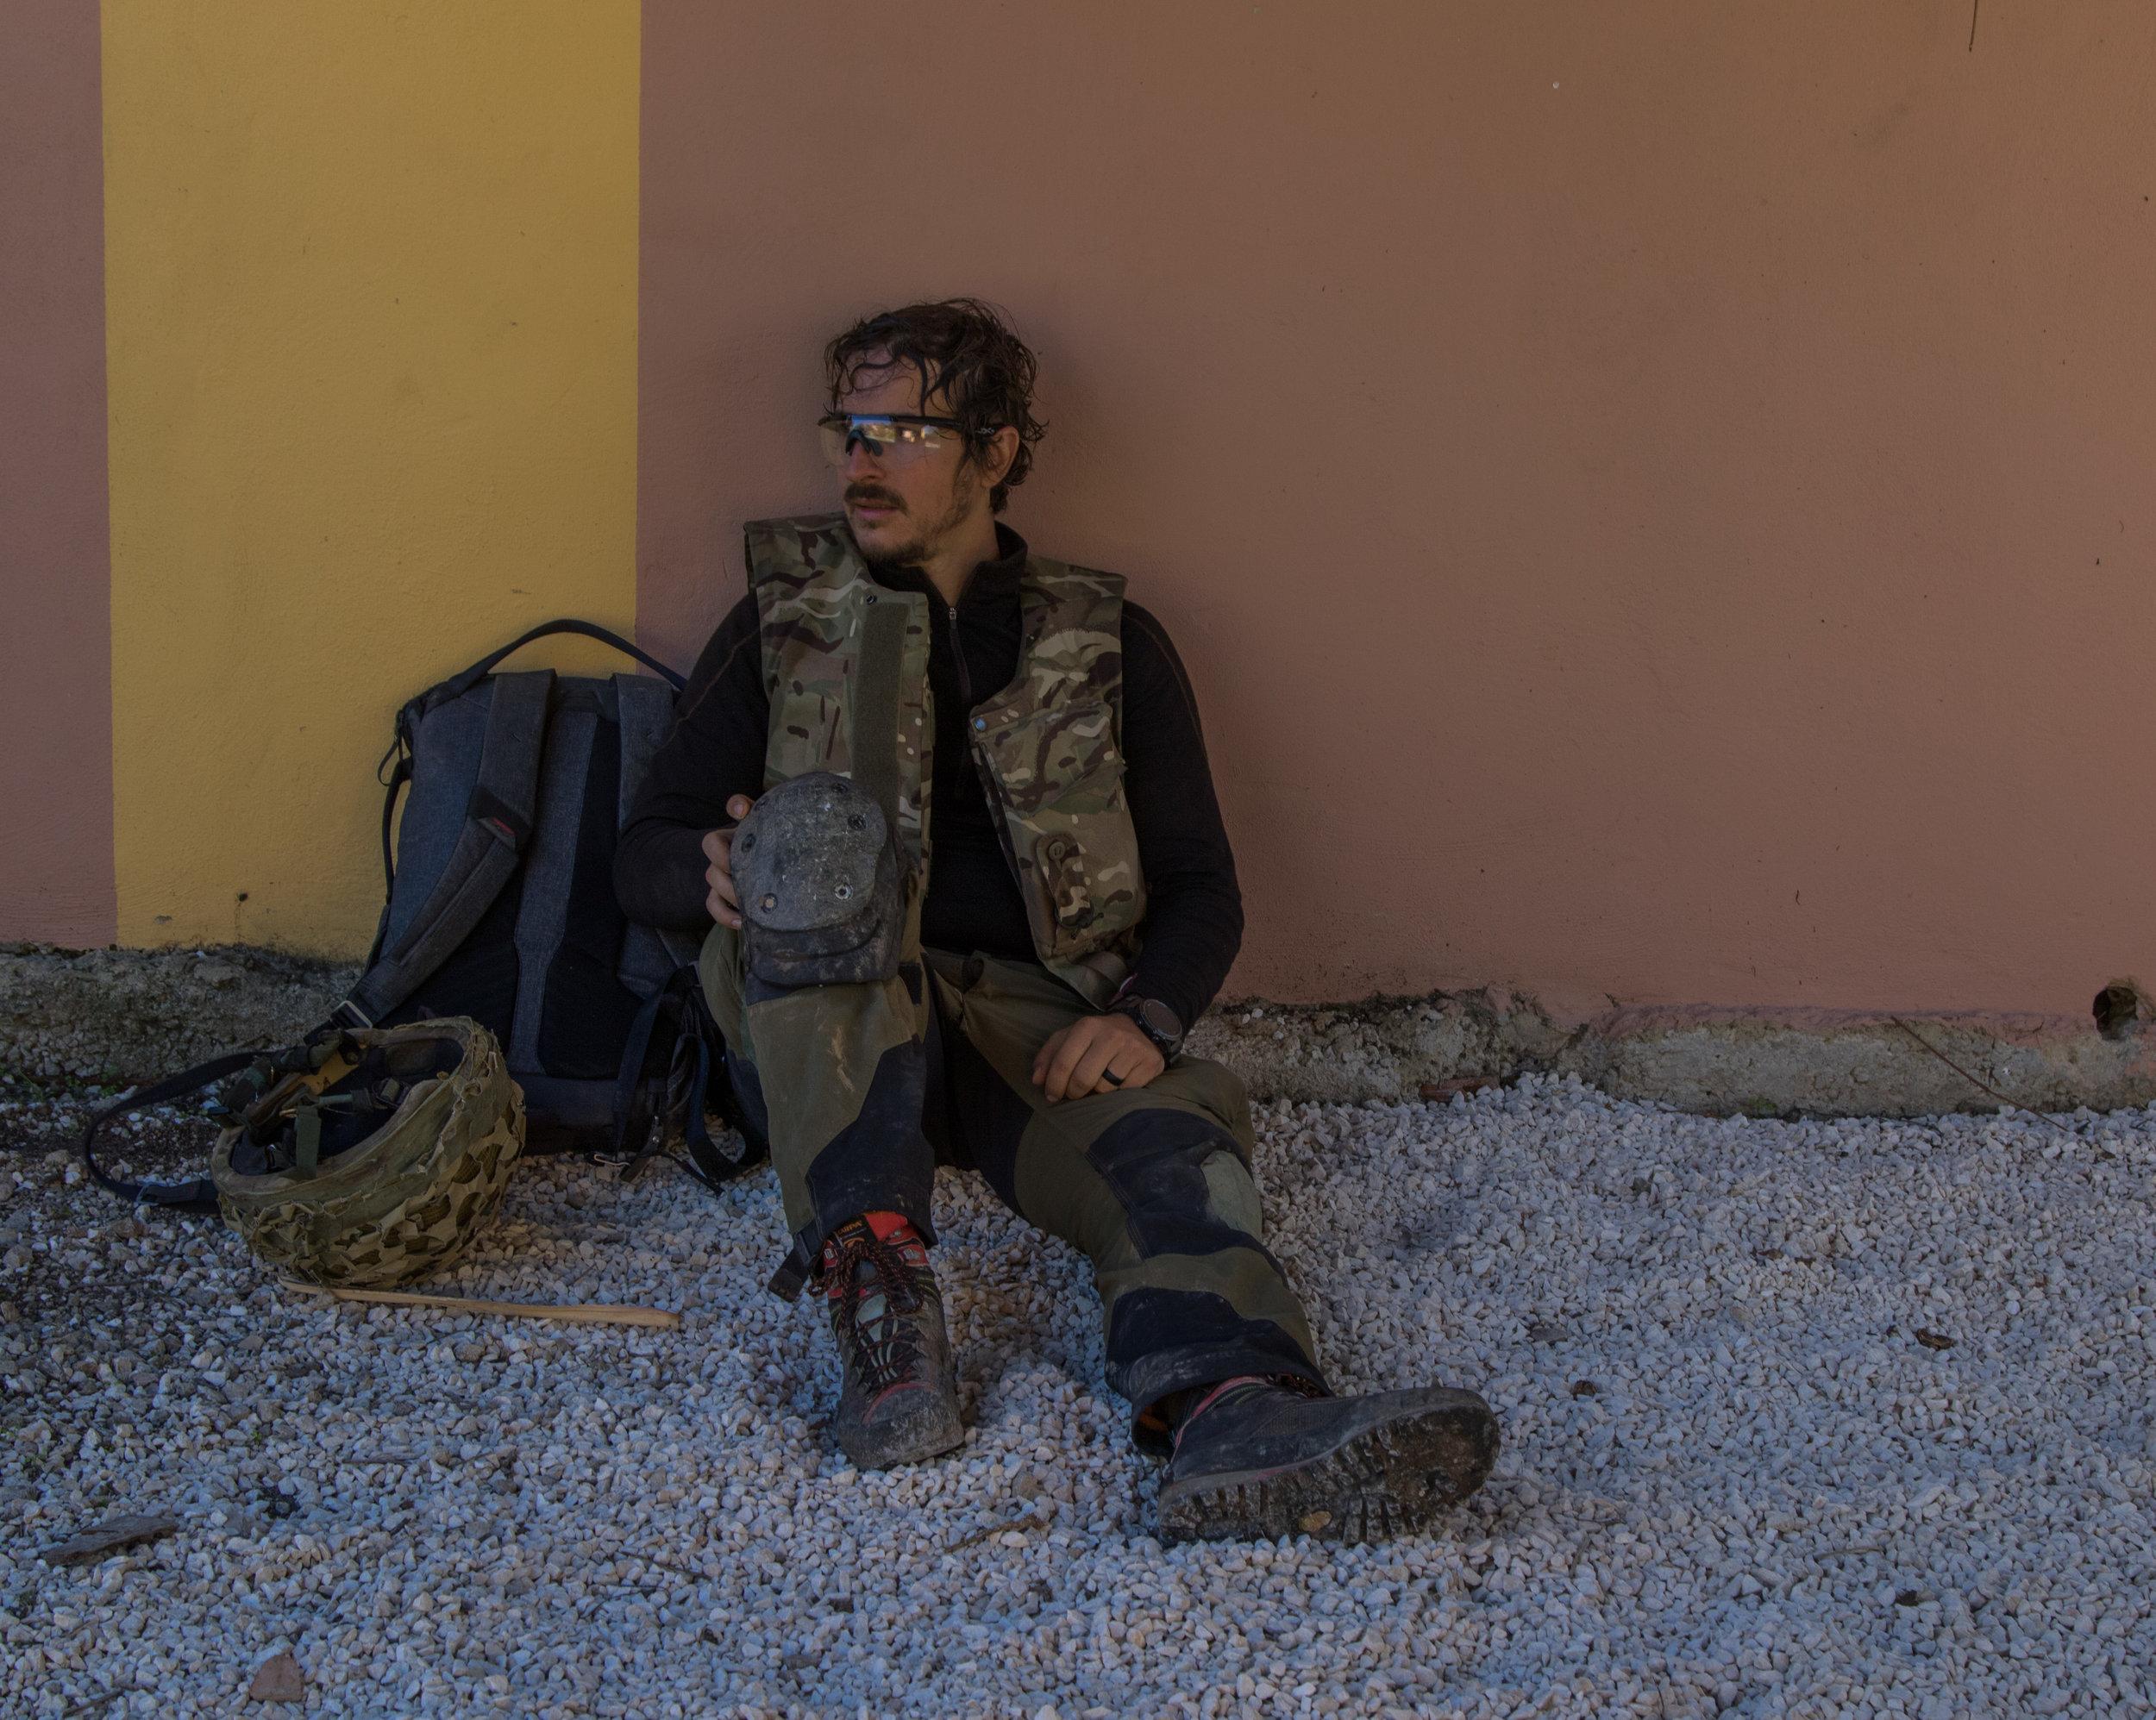 alex, a journalist, rests